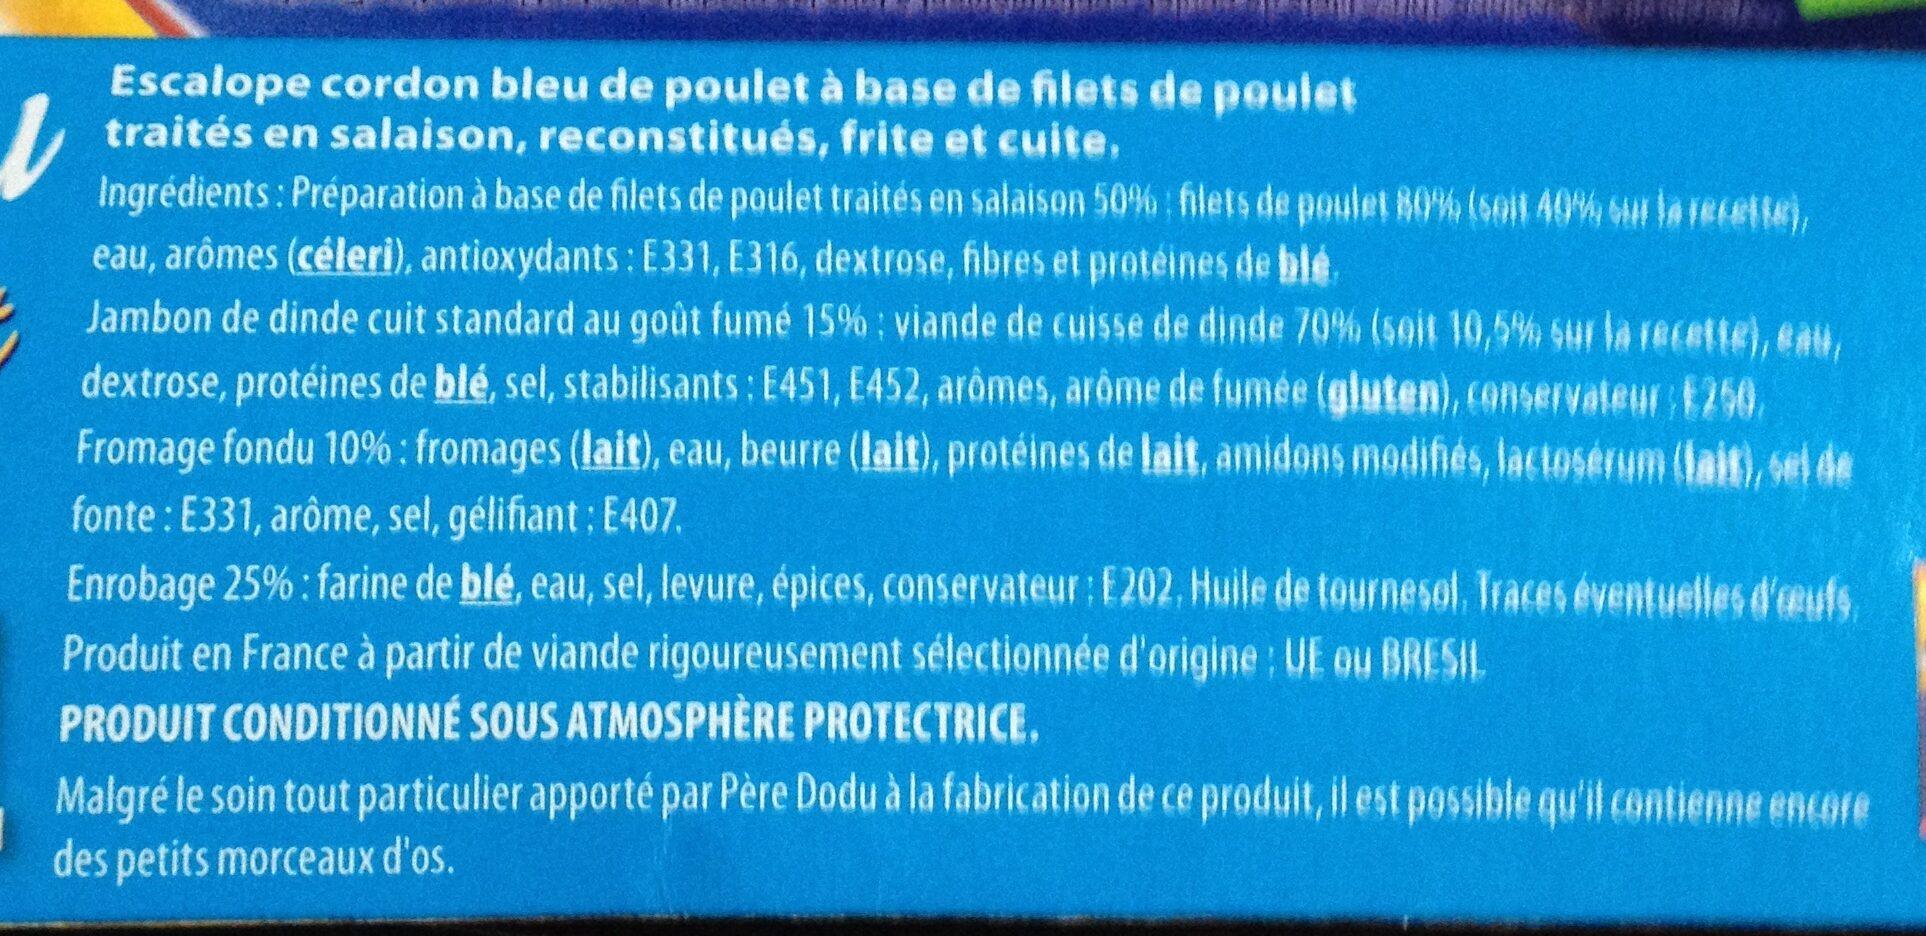 Cordon bleu poulet père dodu x4 - Ingrédients